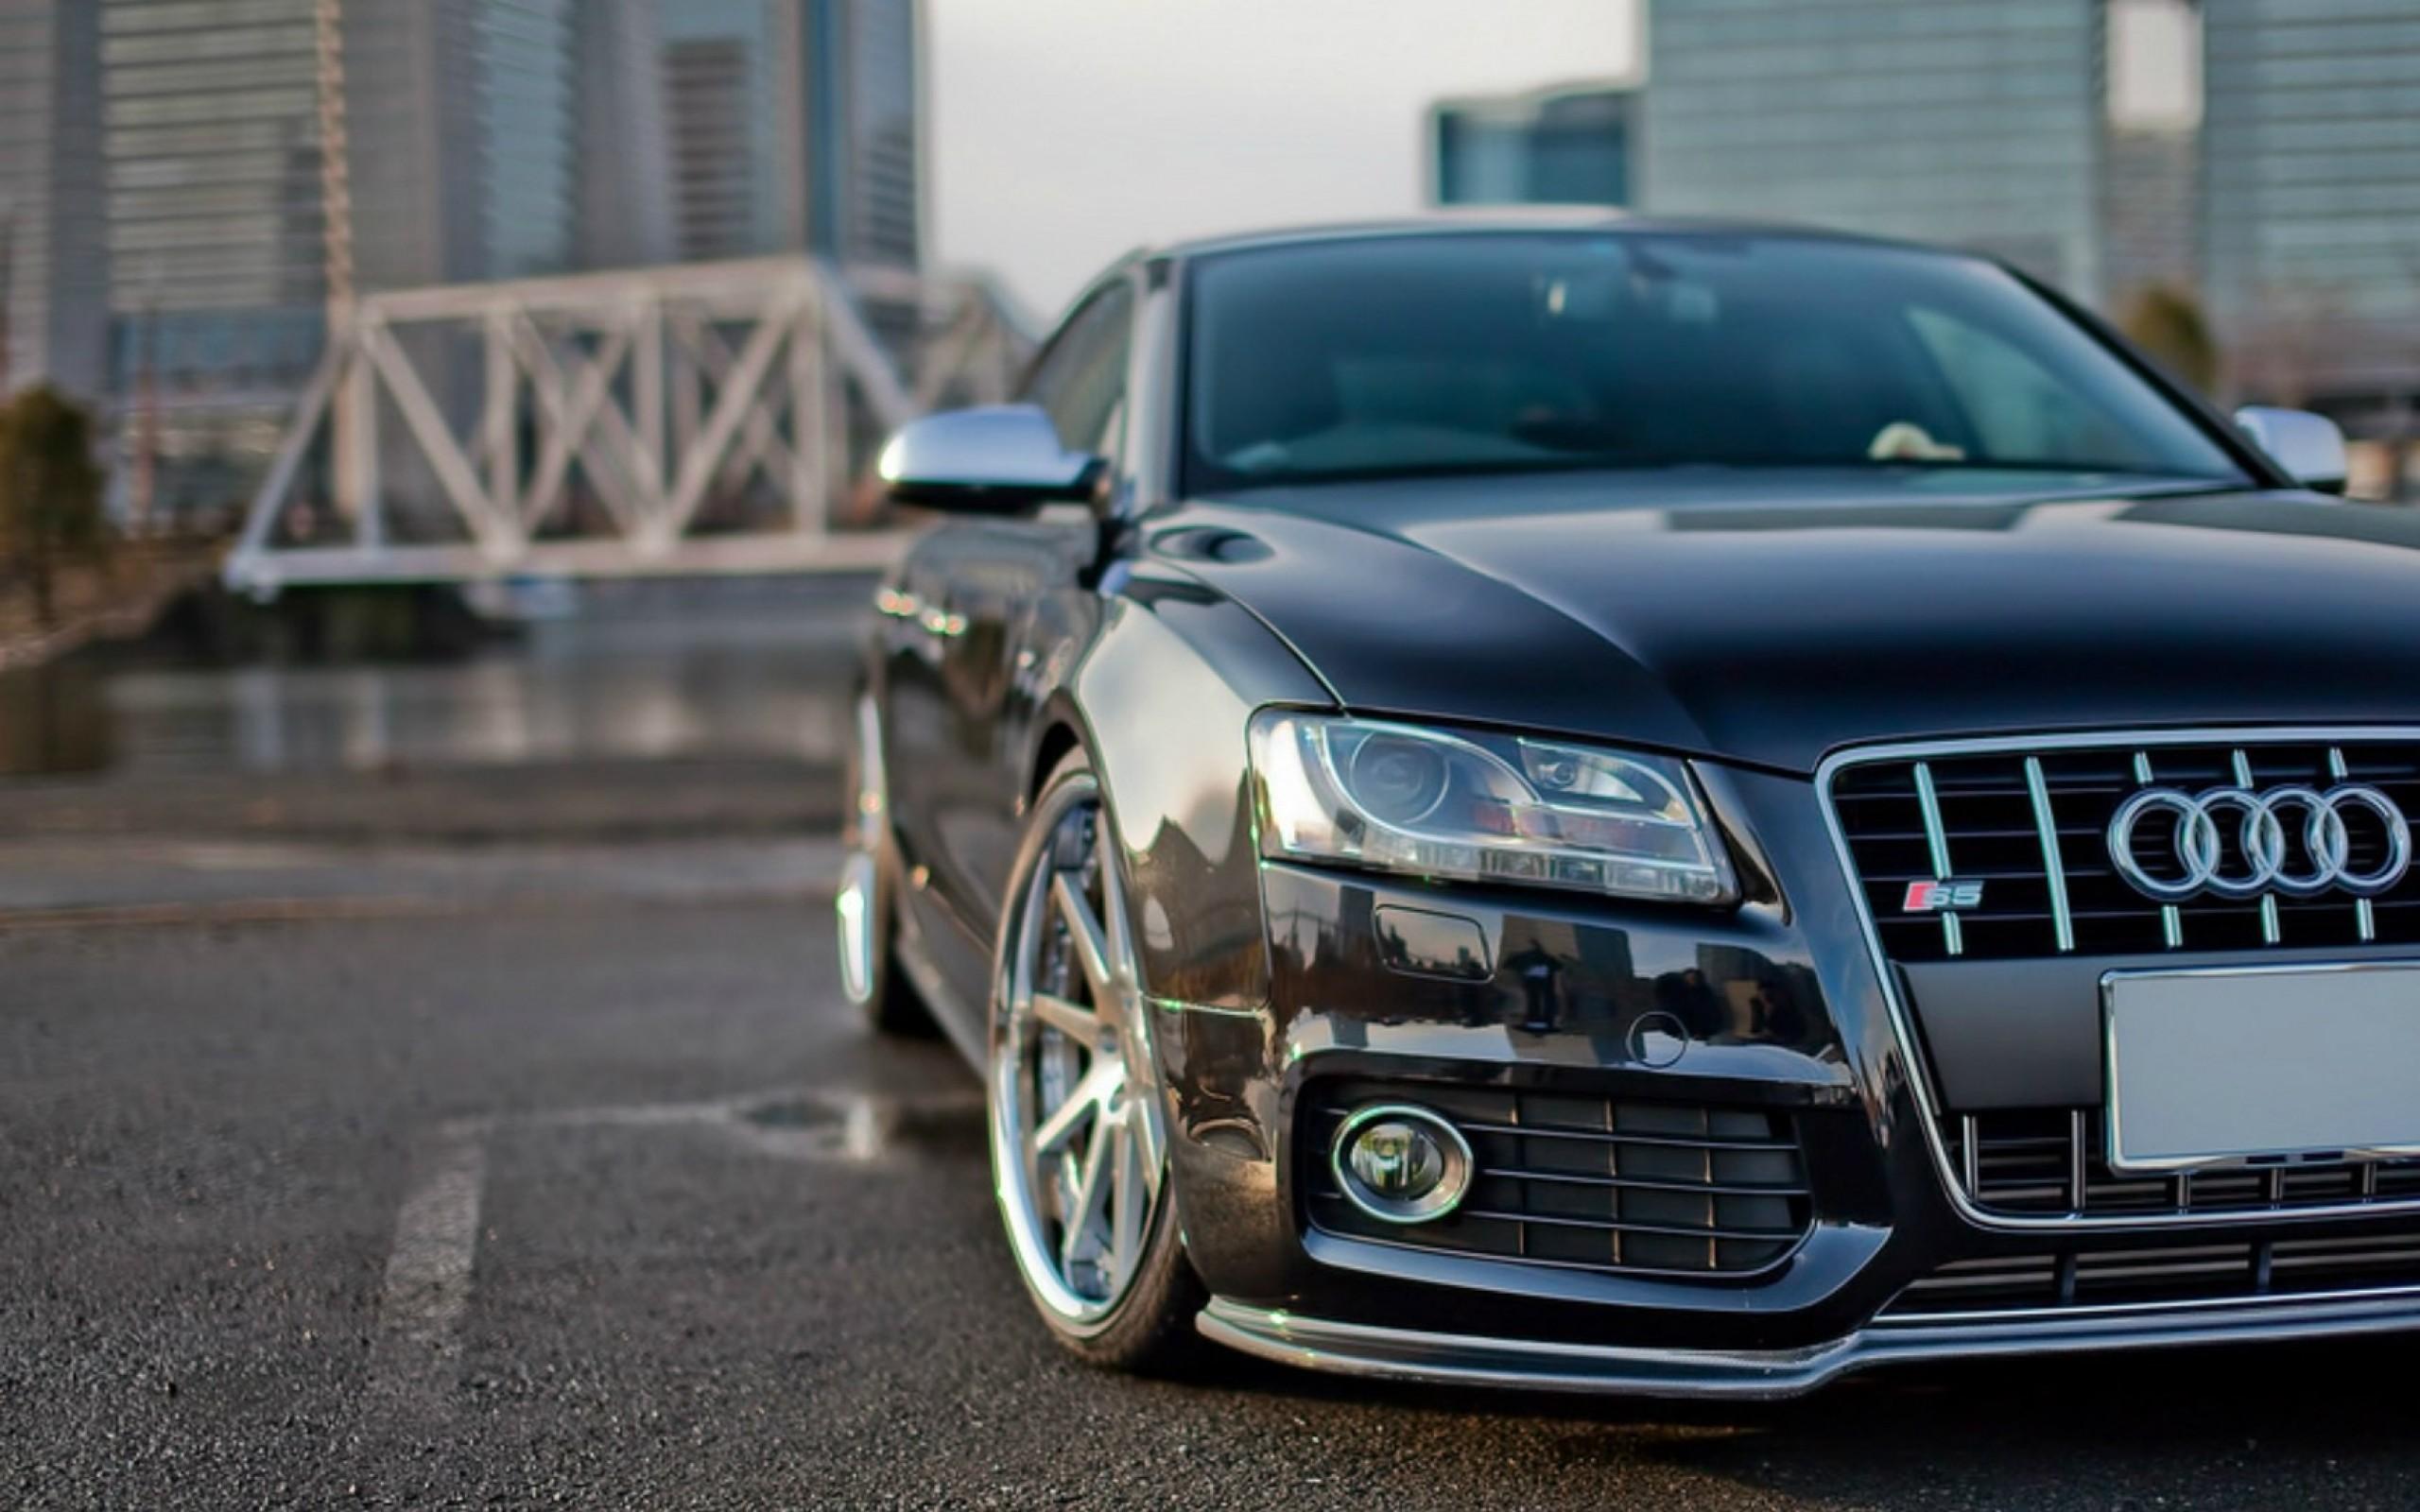 Res: 2560x1600, Audi s5 Wallpaper